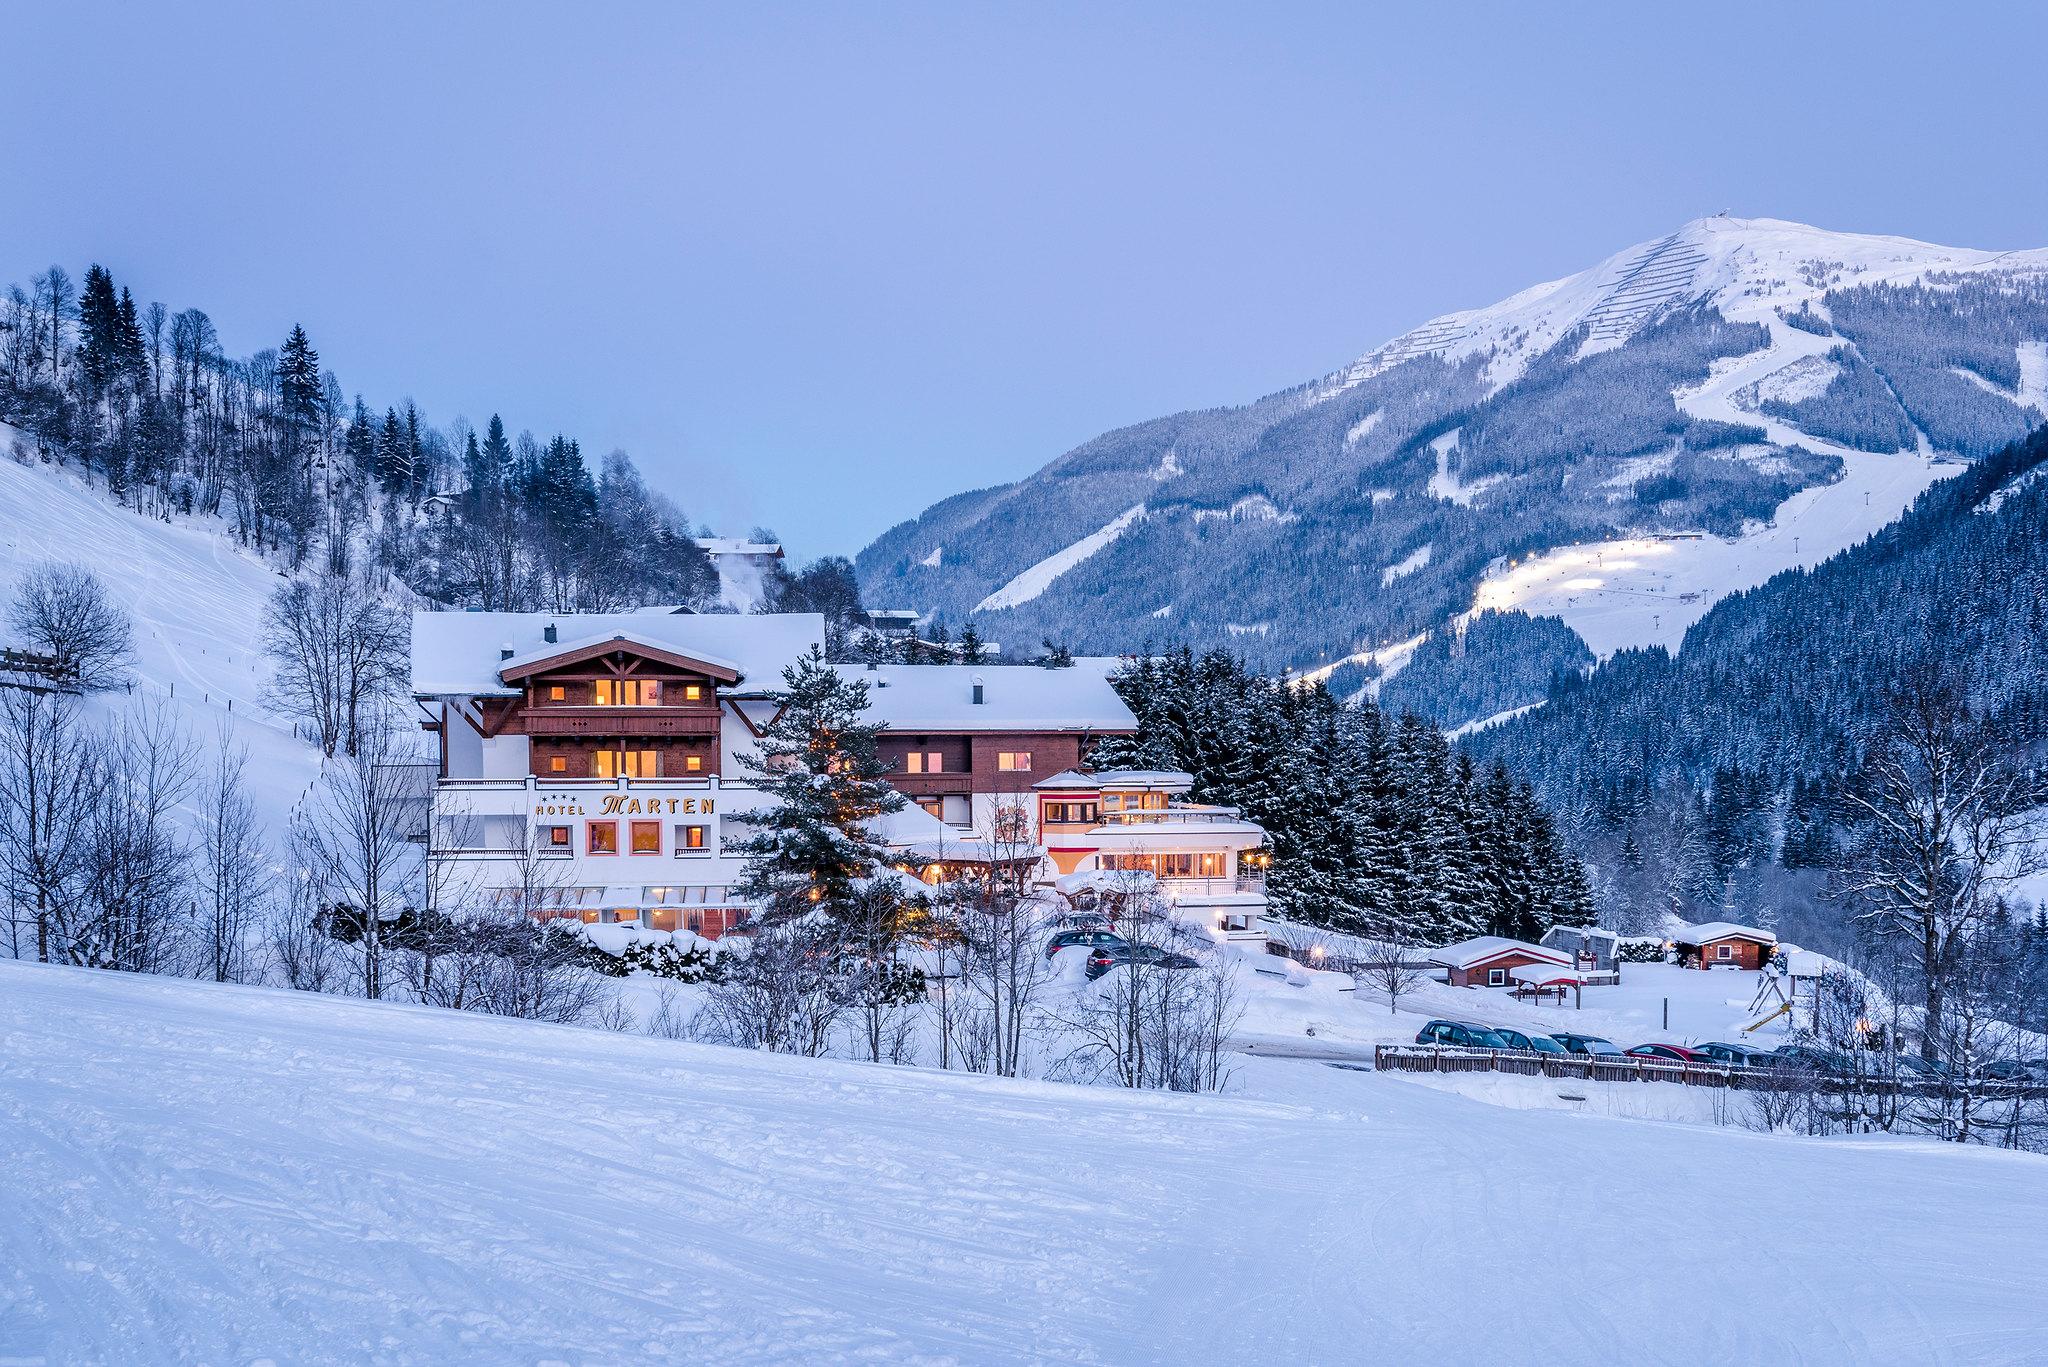 Winterlandschaft Hotel Marten in Saalbach-Hinterglemm